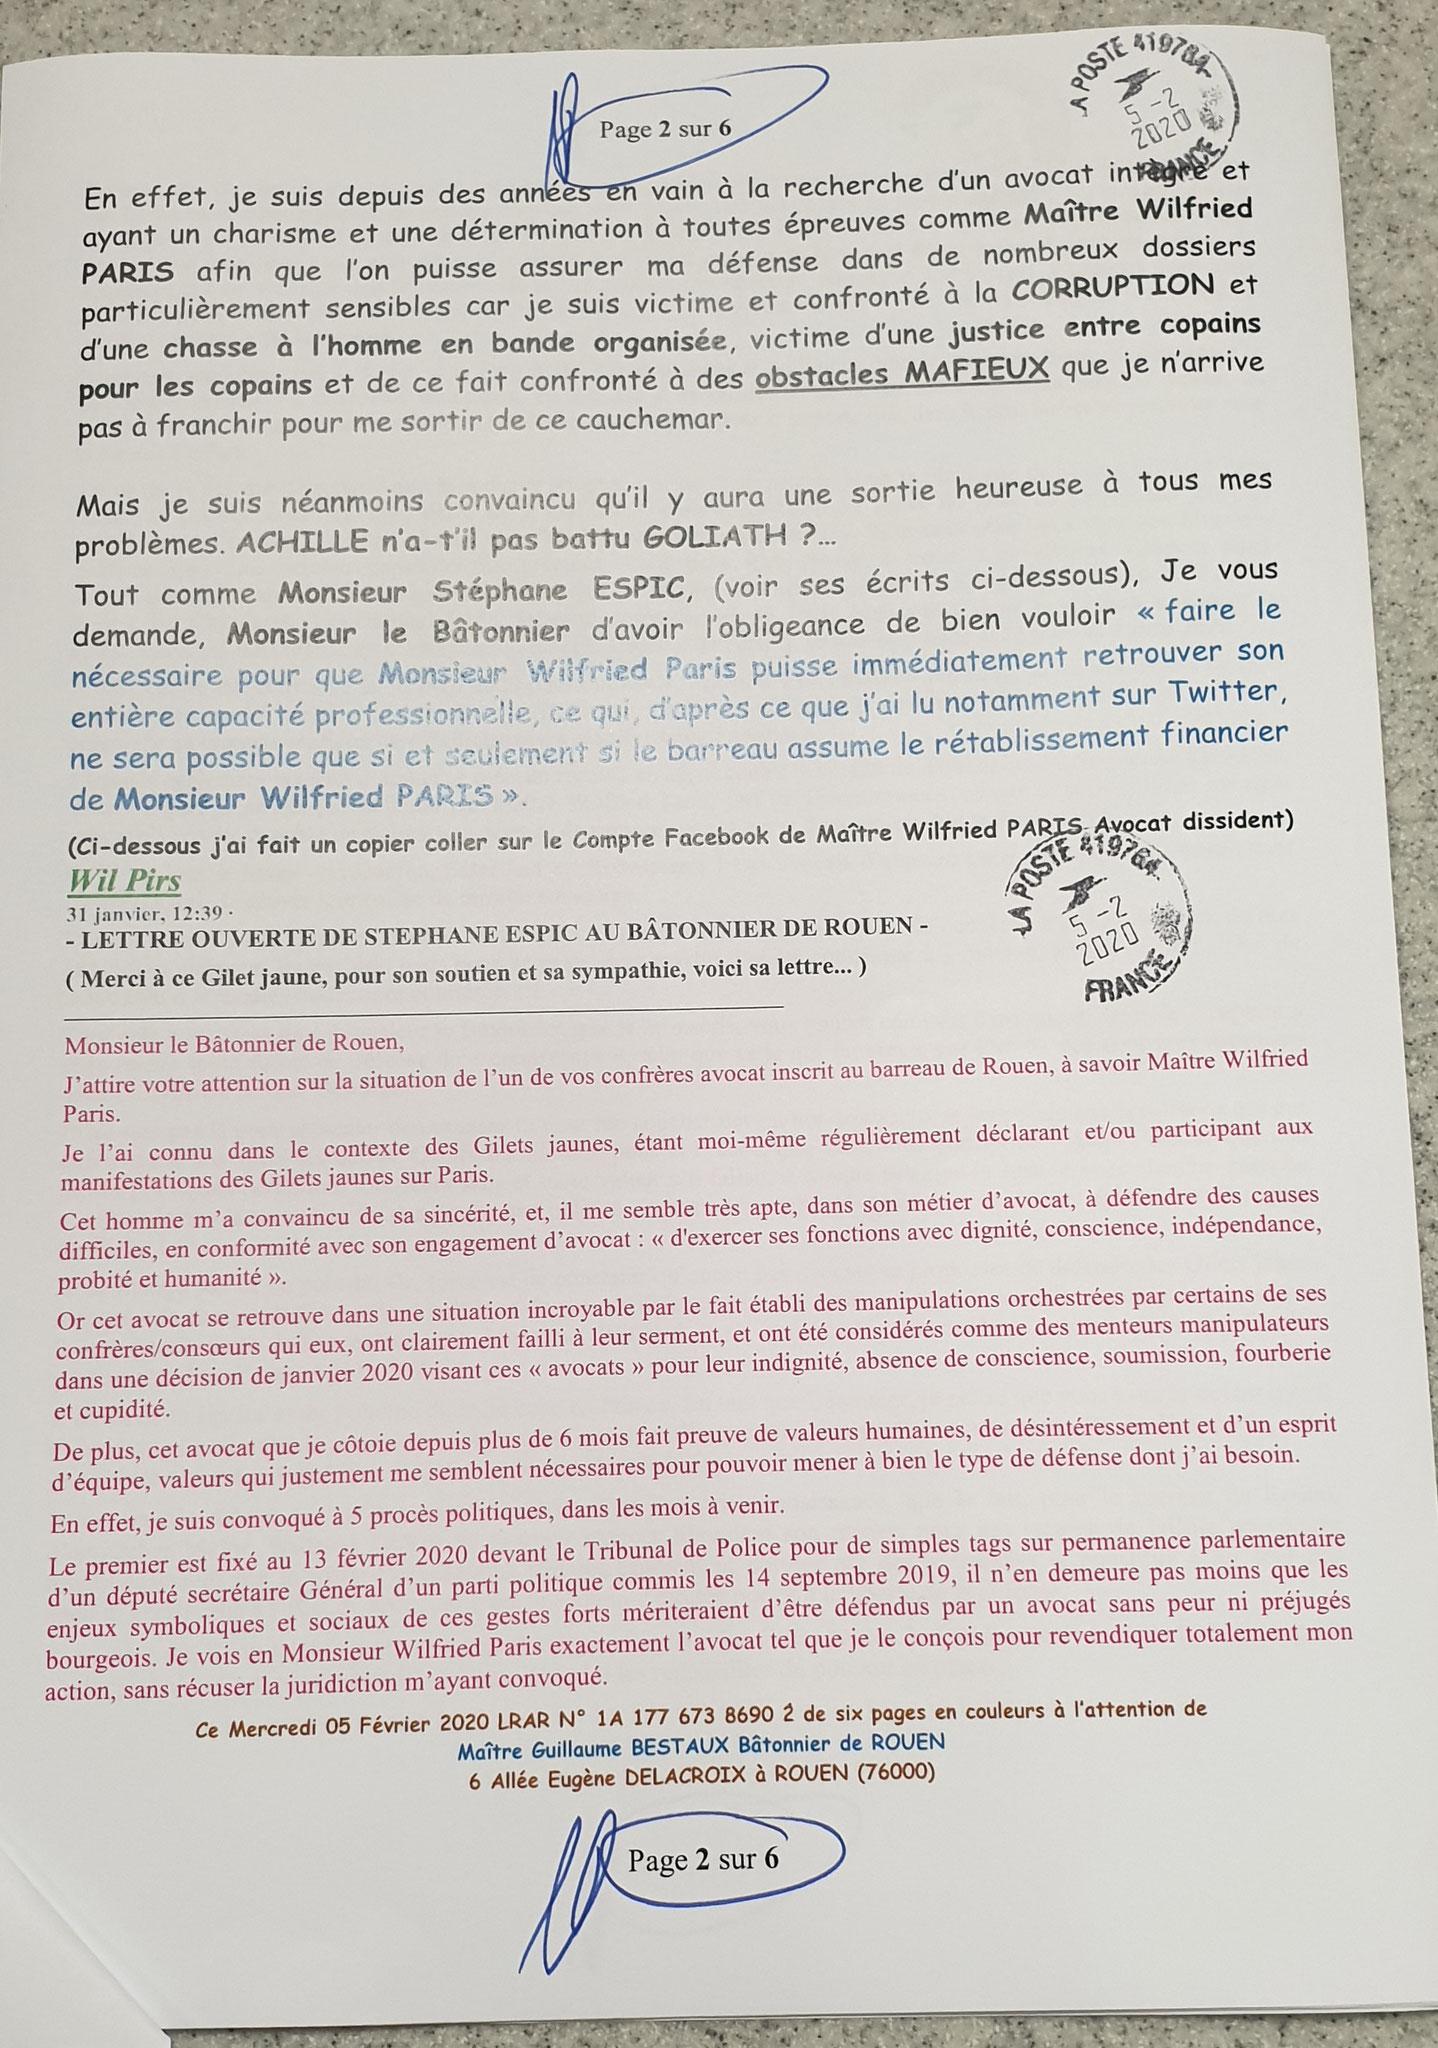 Accusé de Réception & Preuve de Dépôt Ma lettre recommandée du 05 Février 2020 N° 1A 177 673 8690 2 Page 2 sur 6 en couleurs www.jesuispatrick.fr